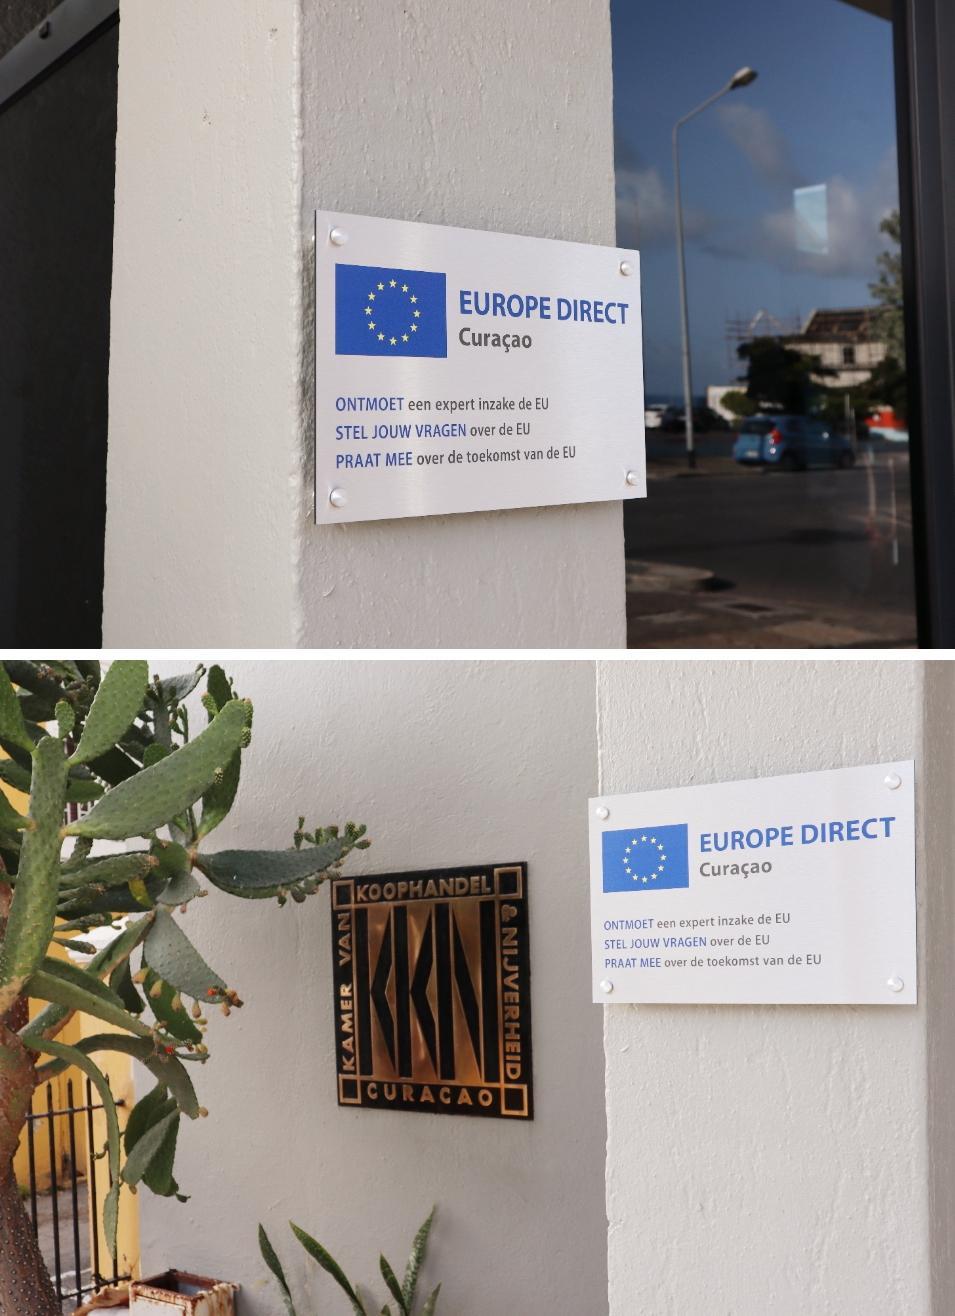 Europe Direct, informatiepunt in Curacao